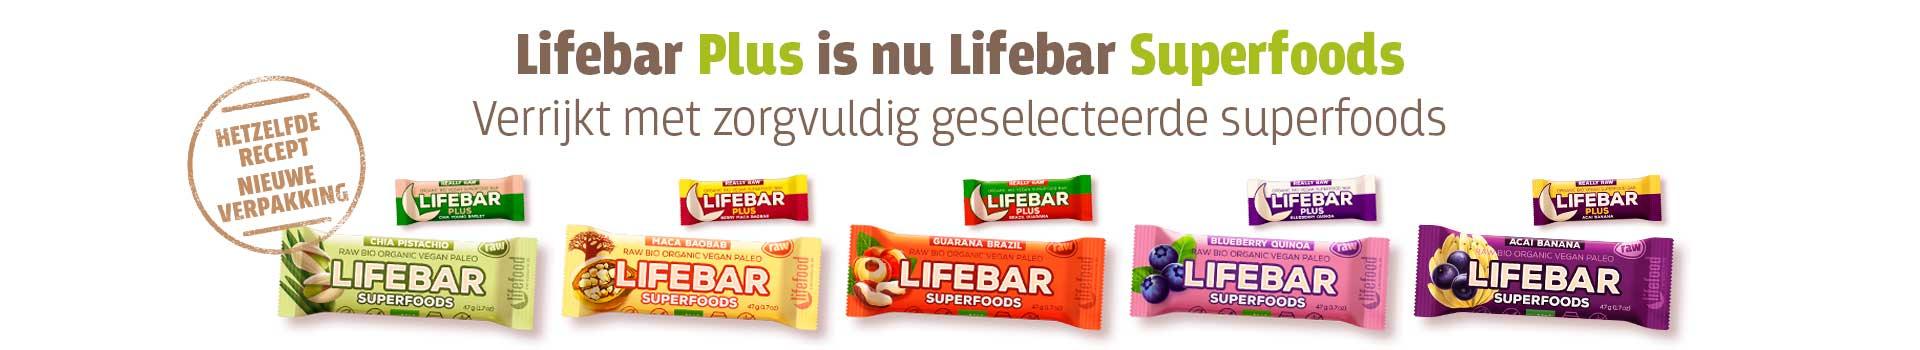 Raw Lifebar